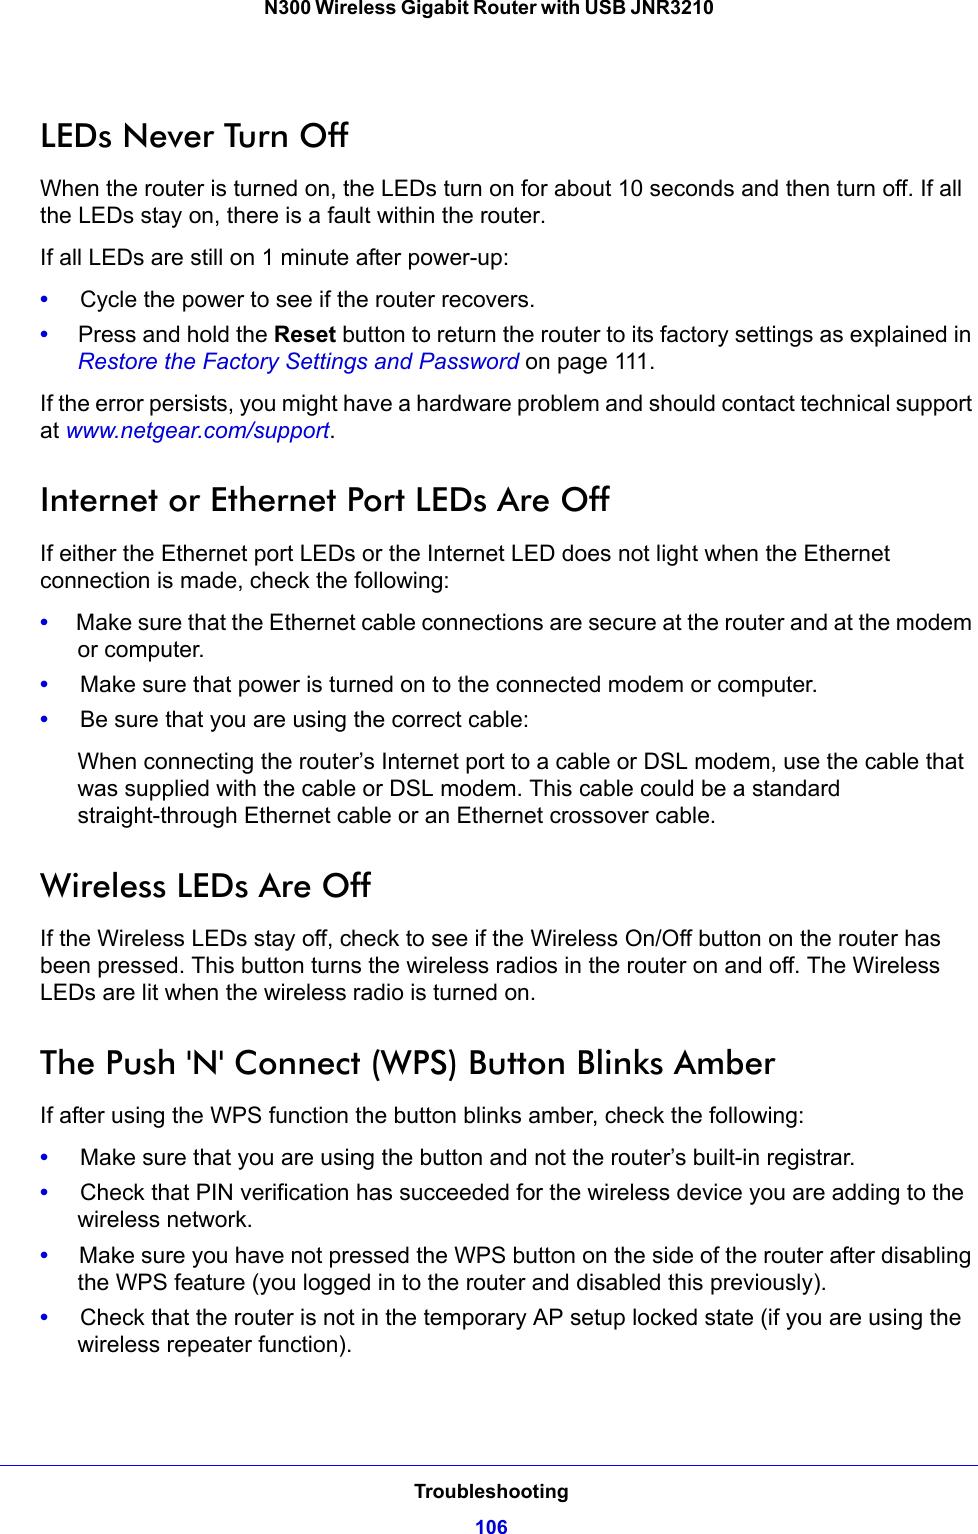 Netgear Jnr3210 Owner S Manual N300 Wireless Gigabit Router